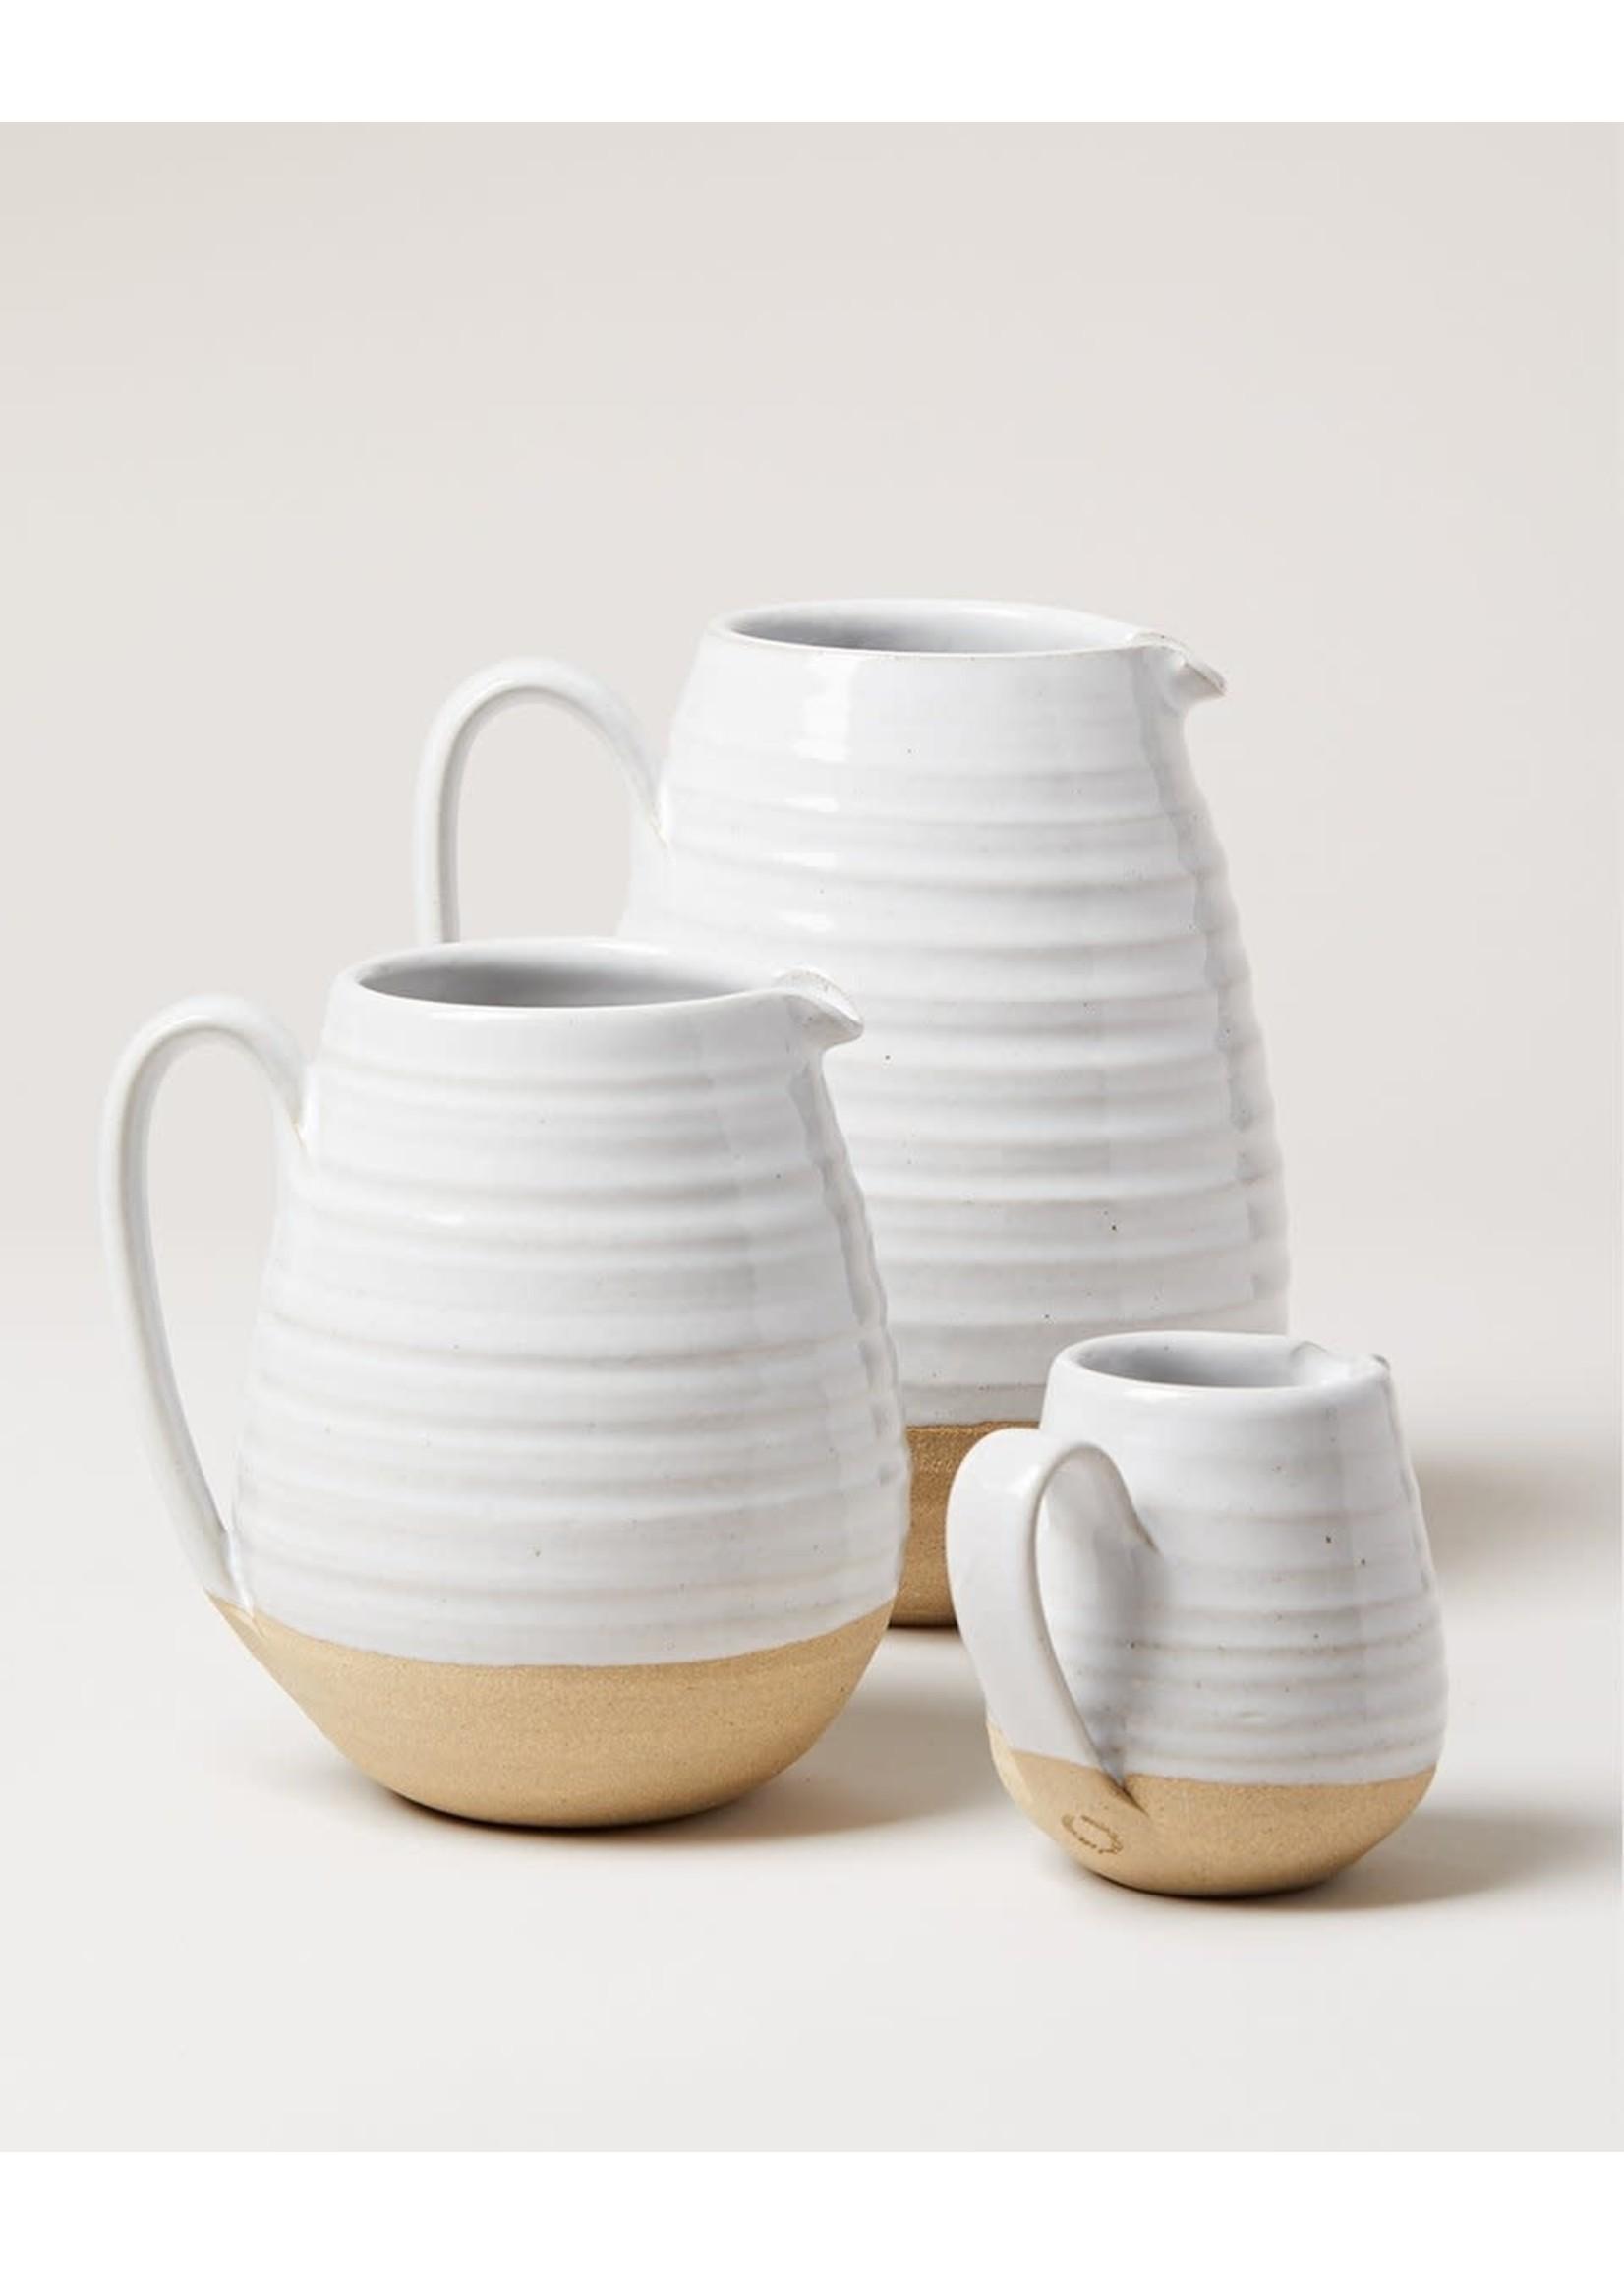 Farmhouse Pottery Farmer's Pitcher Medium